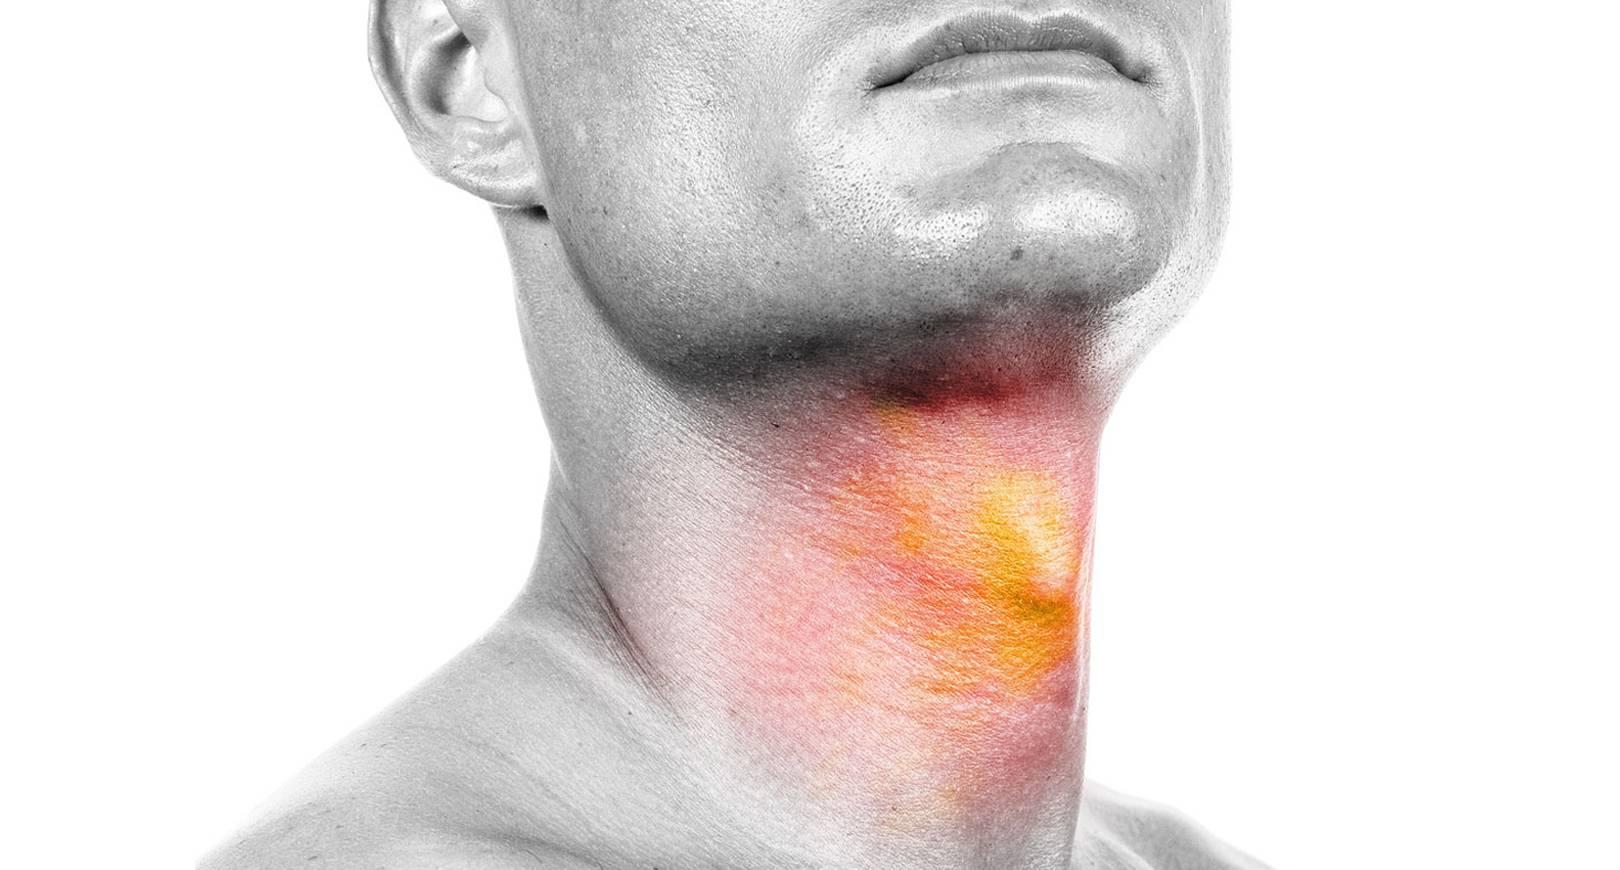 Ожог неба во рту – правильное лечение, как снять боль?